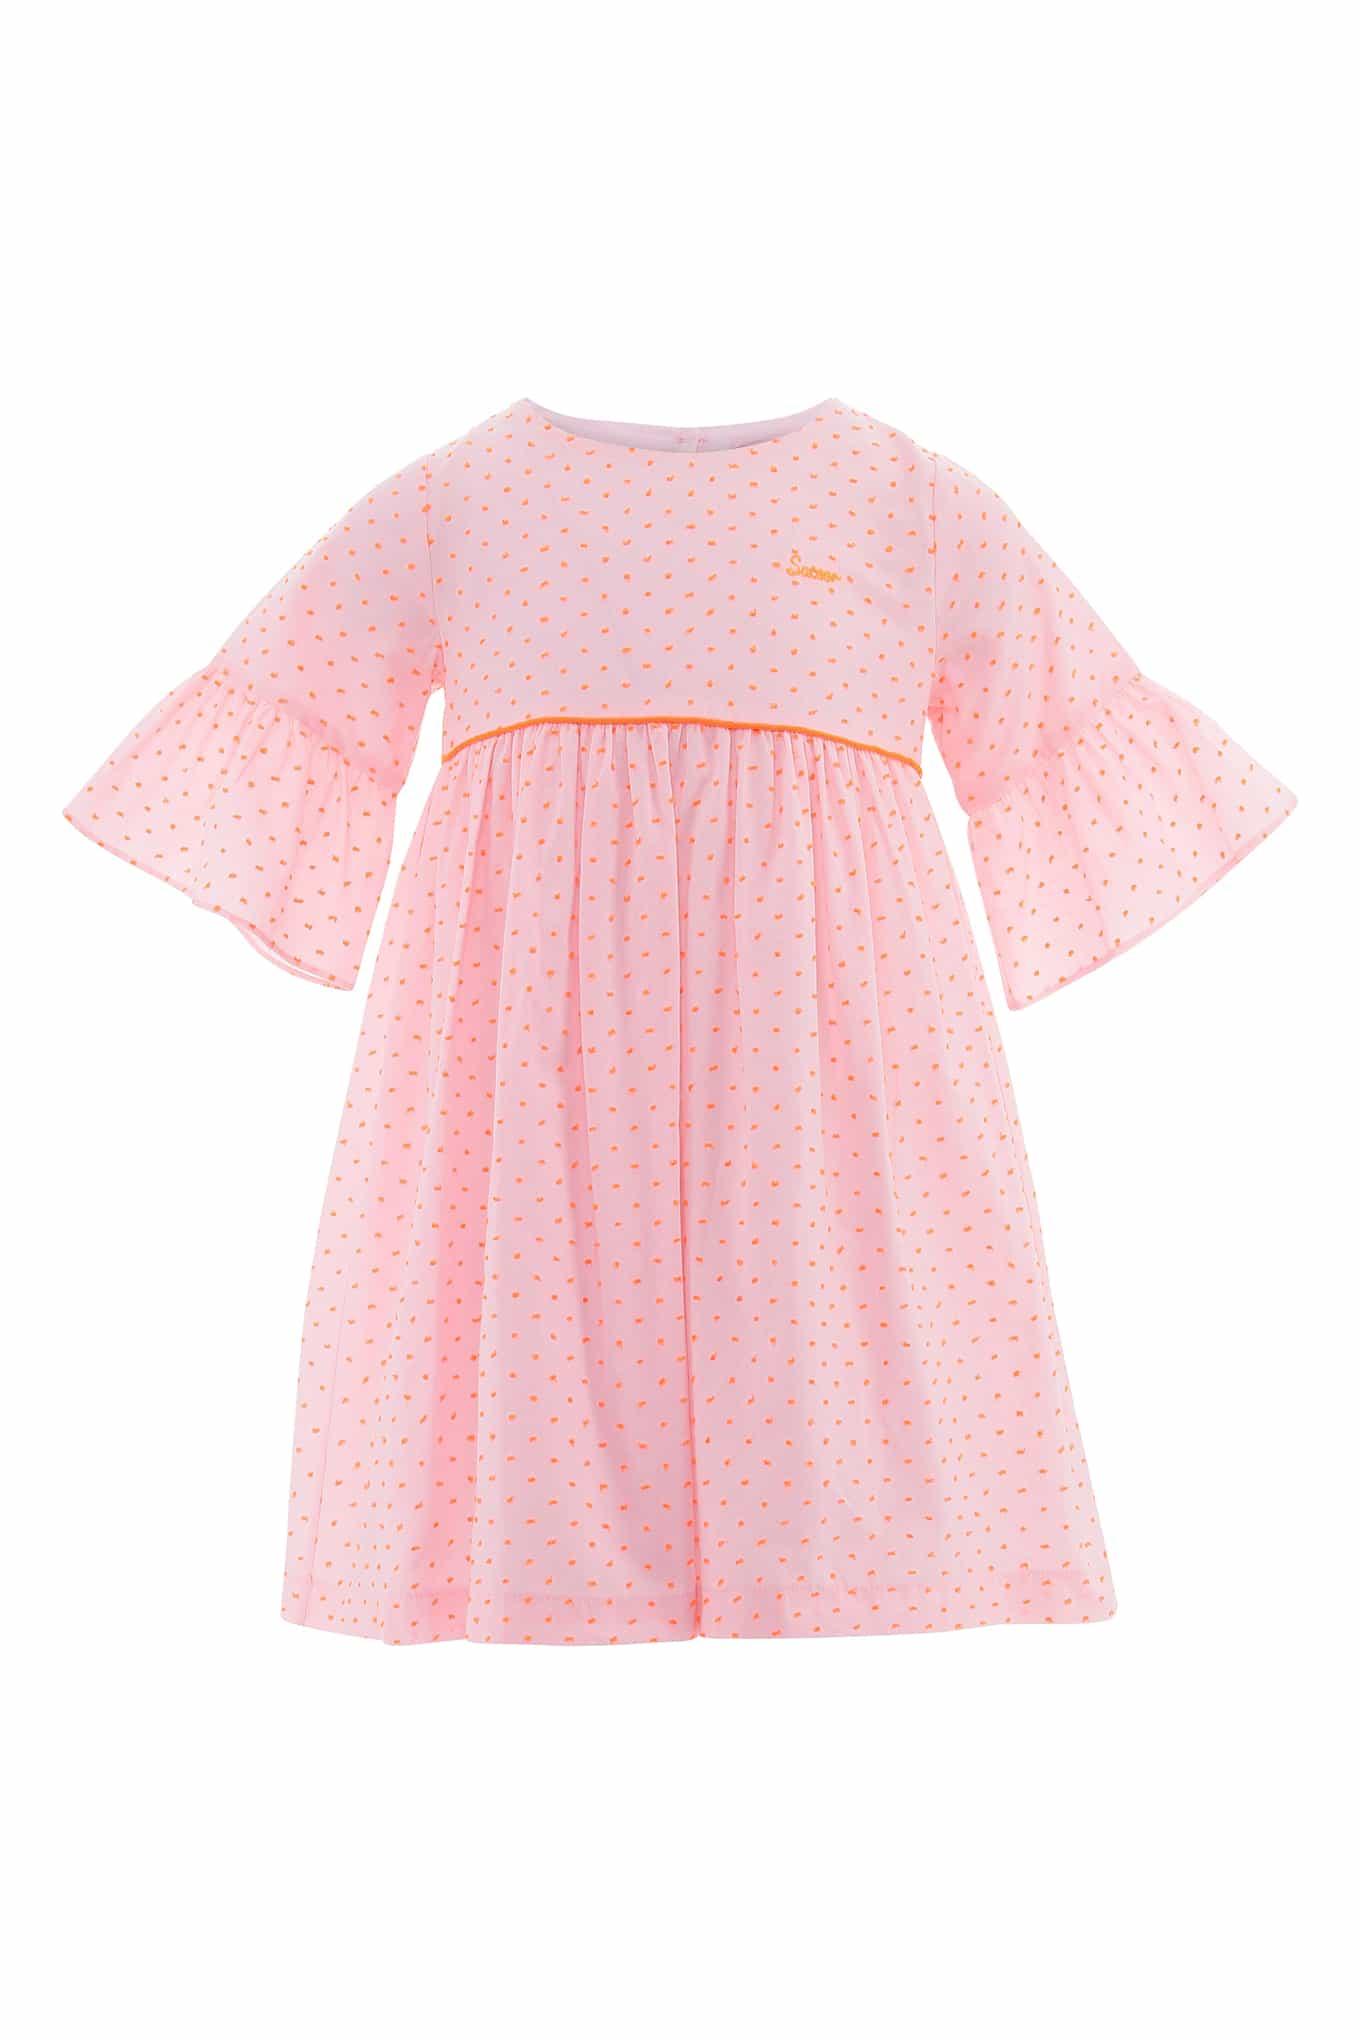 Vestido Rosa Claro Casual Rapariga